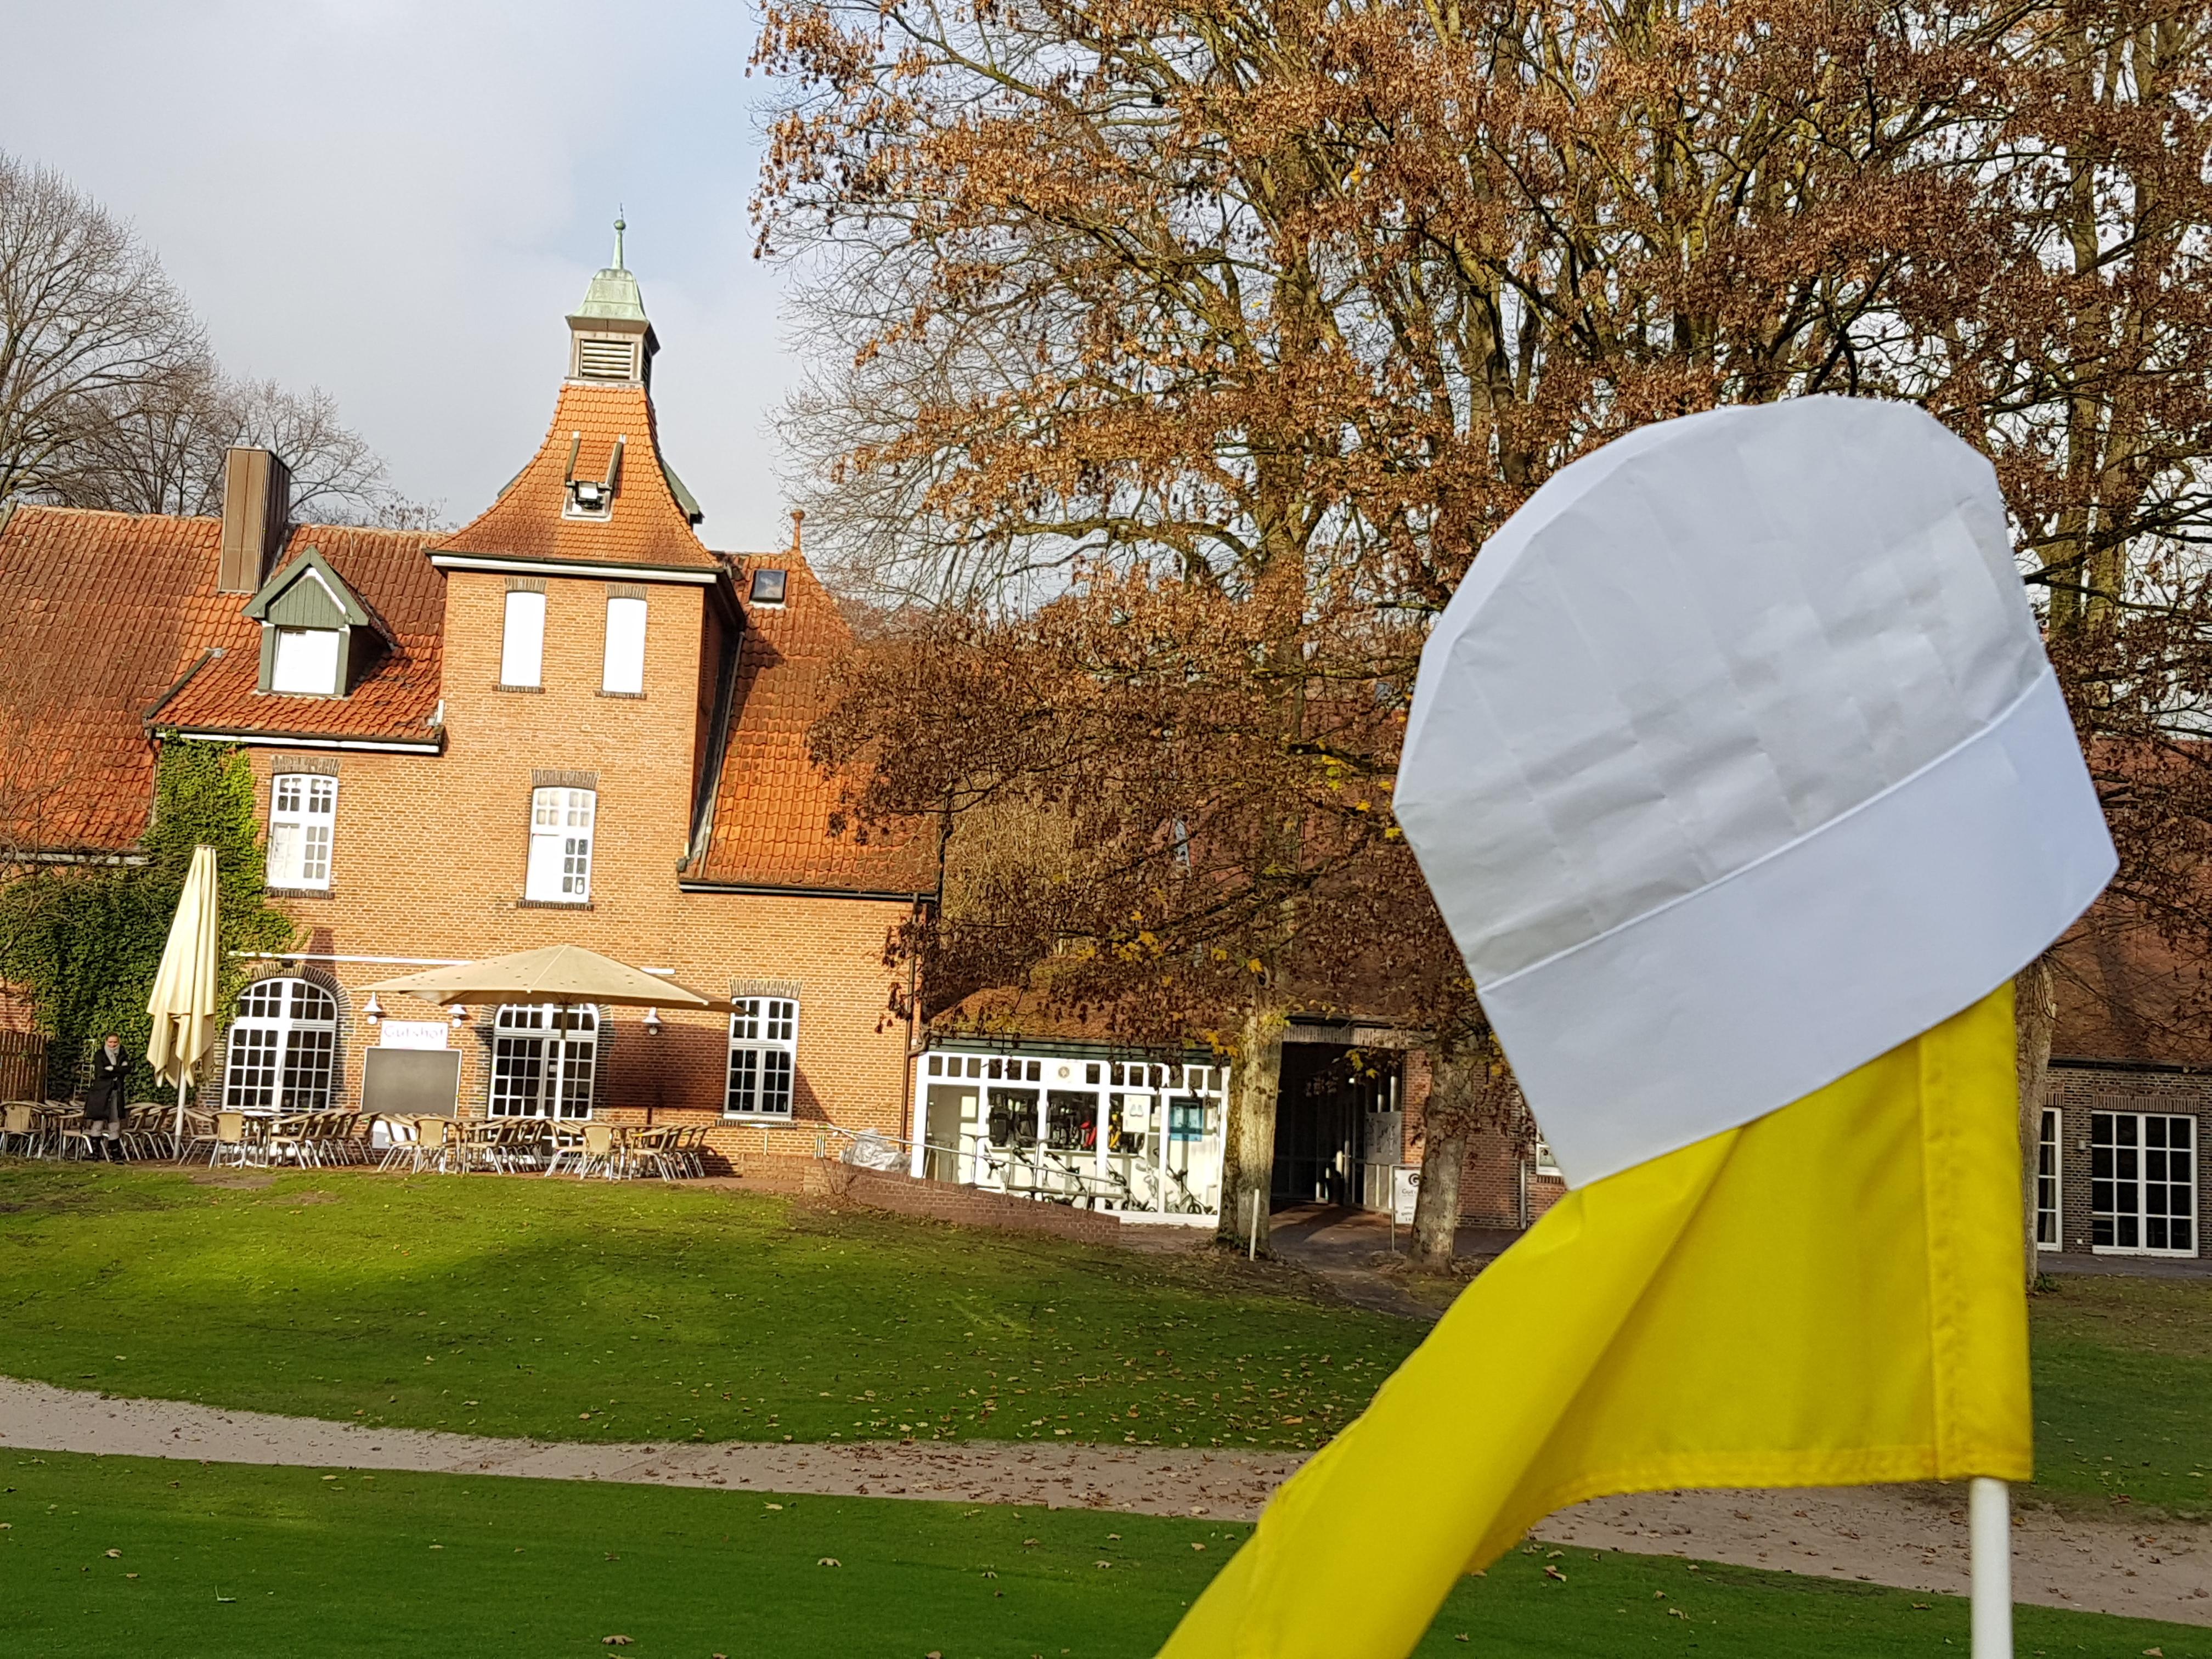 Nachtmahlen 2017 - Golf-Club Gutshof Papenburg-Aschendorf